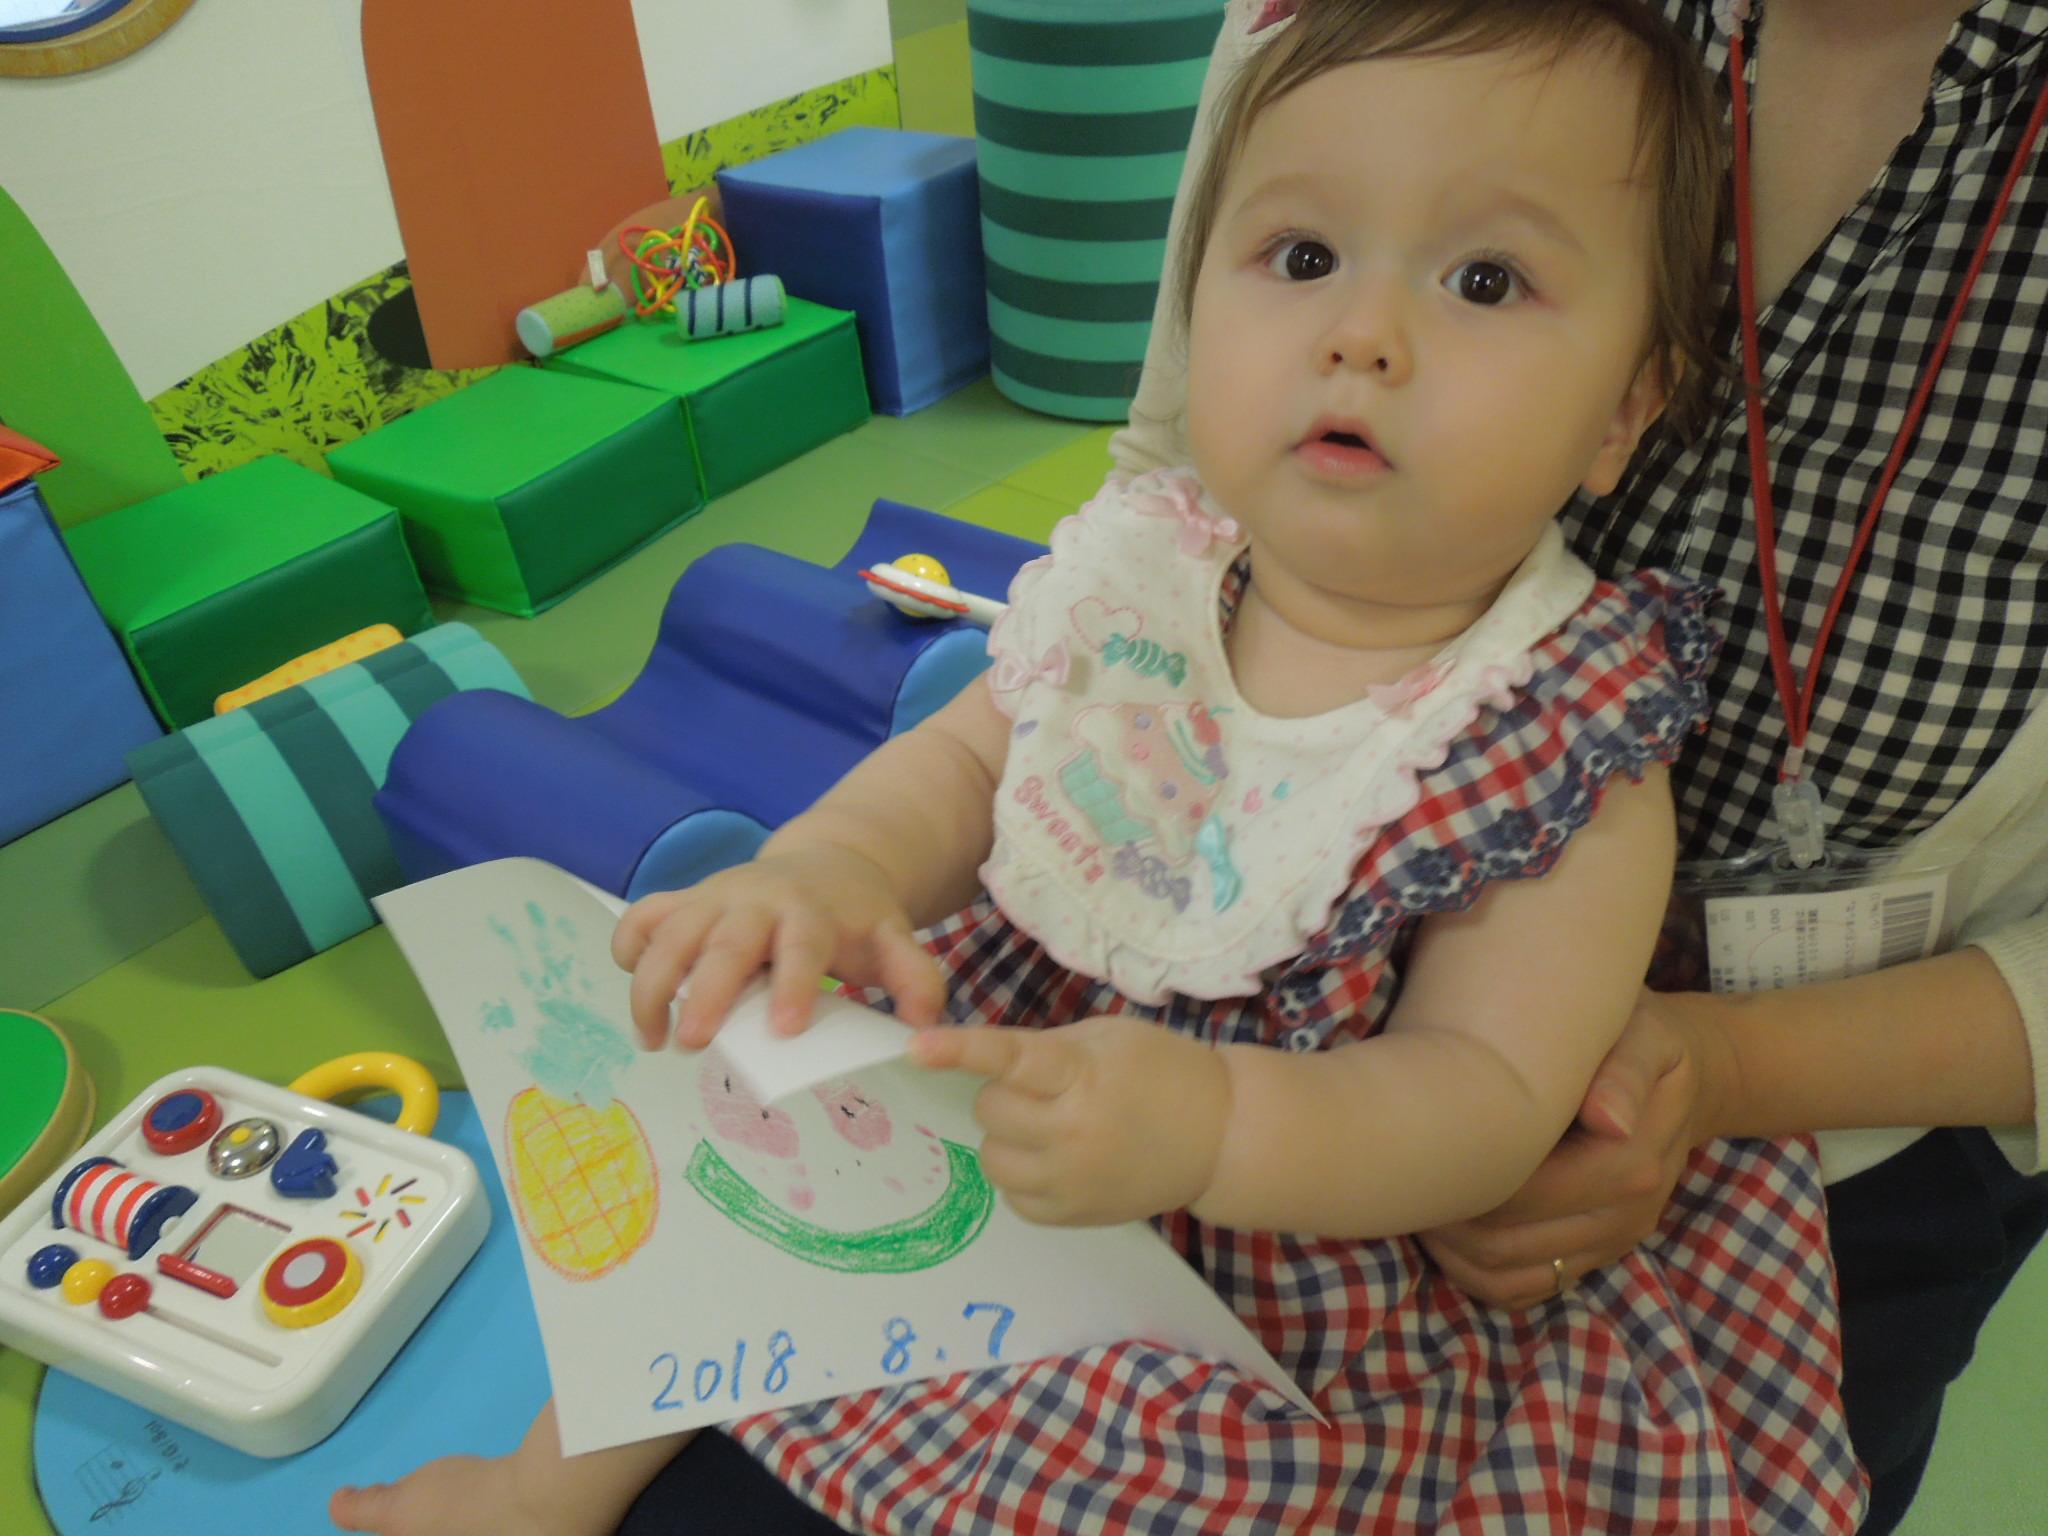 【火・木よう開催!赤ちゃんの日イベント】11/15(木)手形あそび